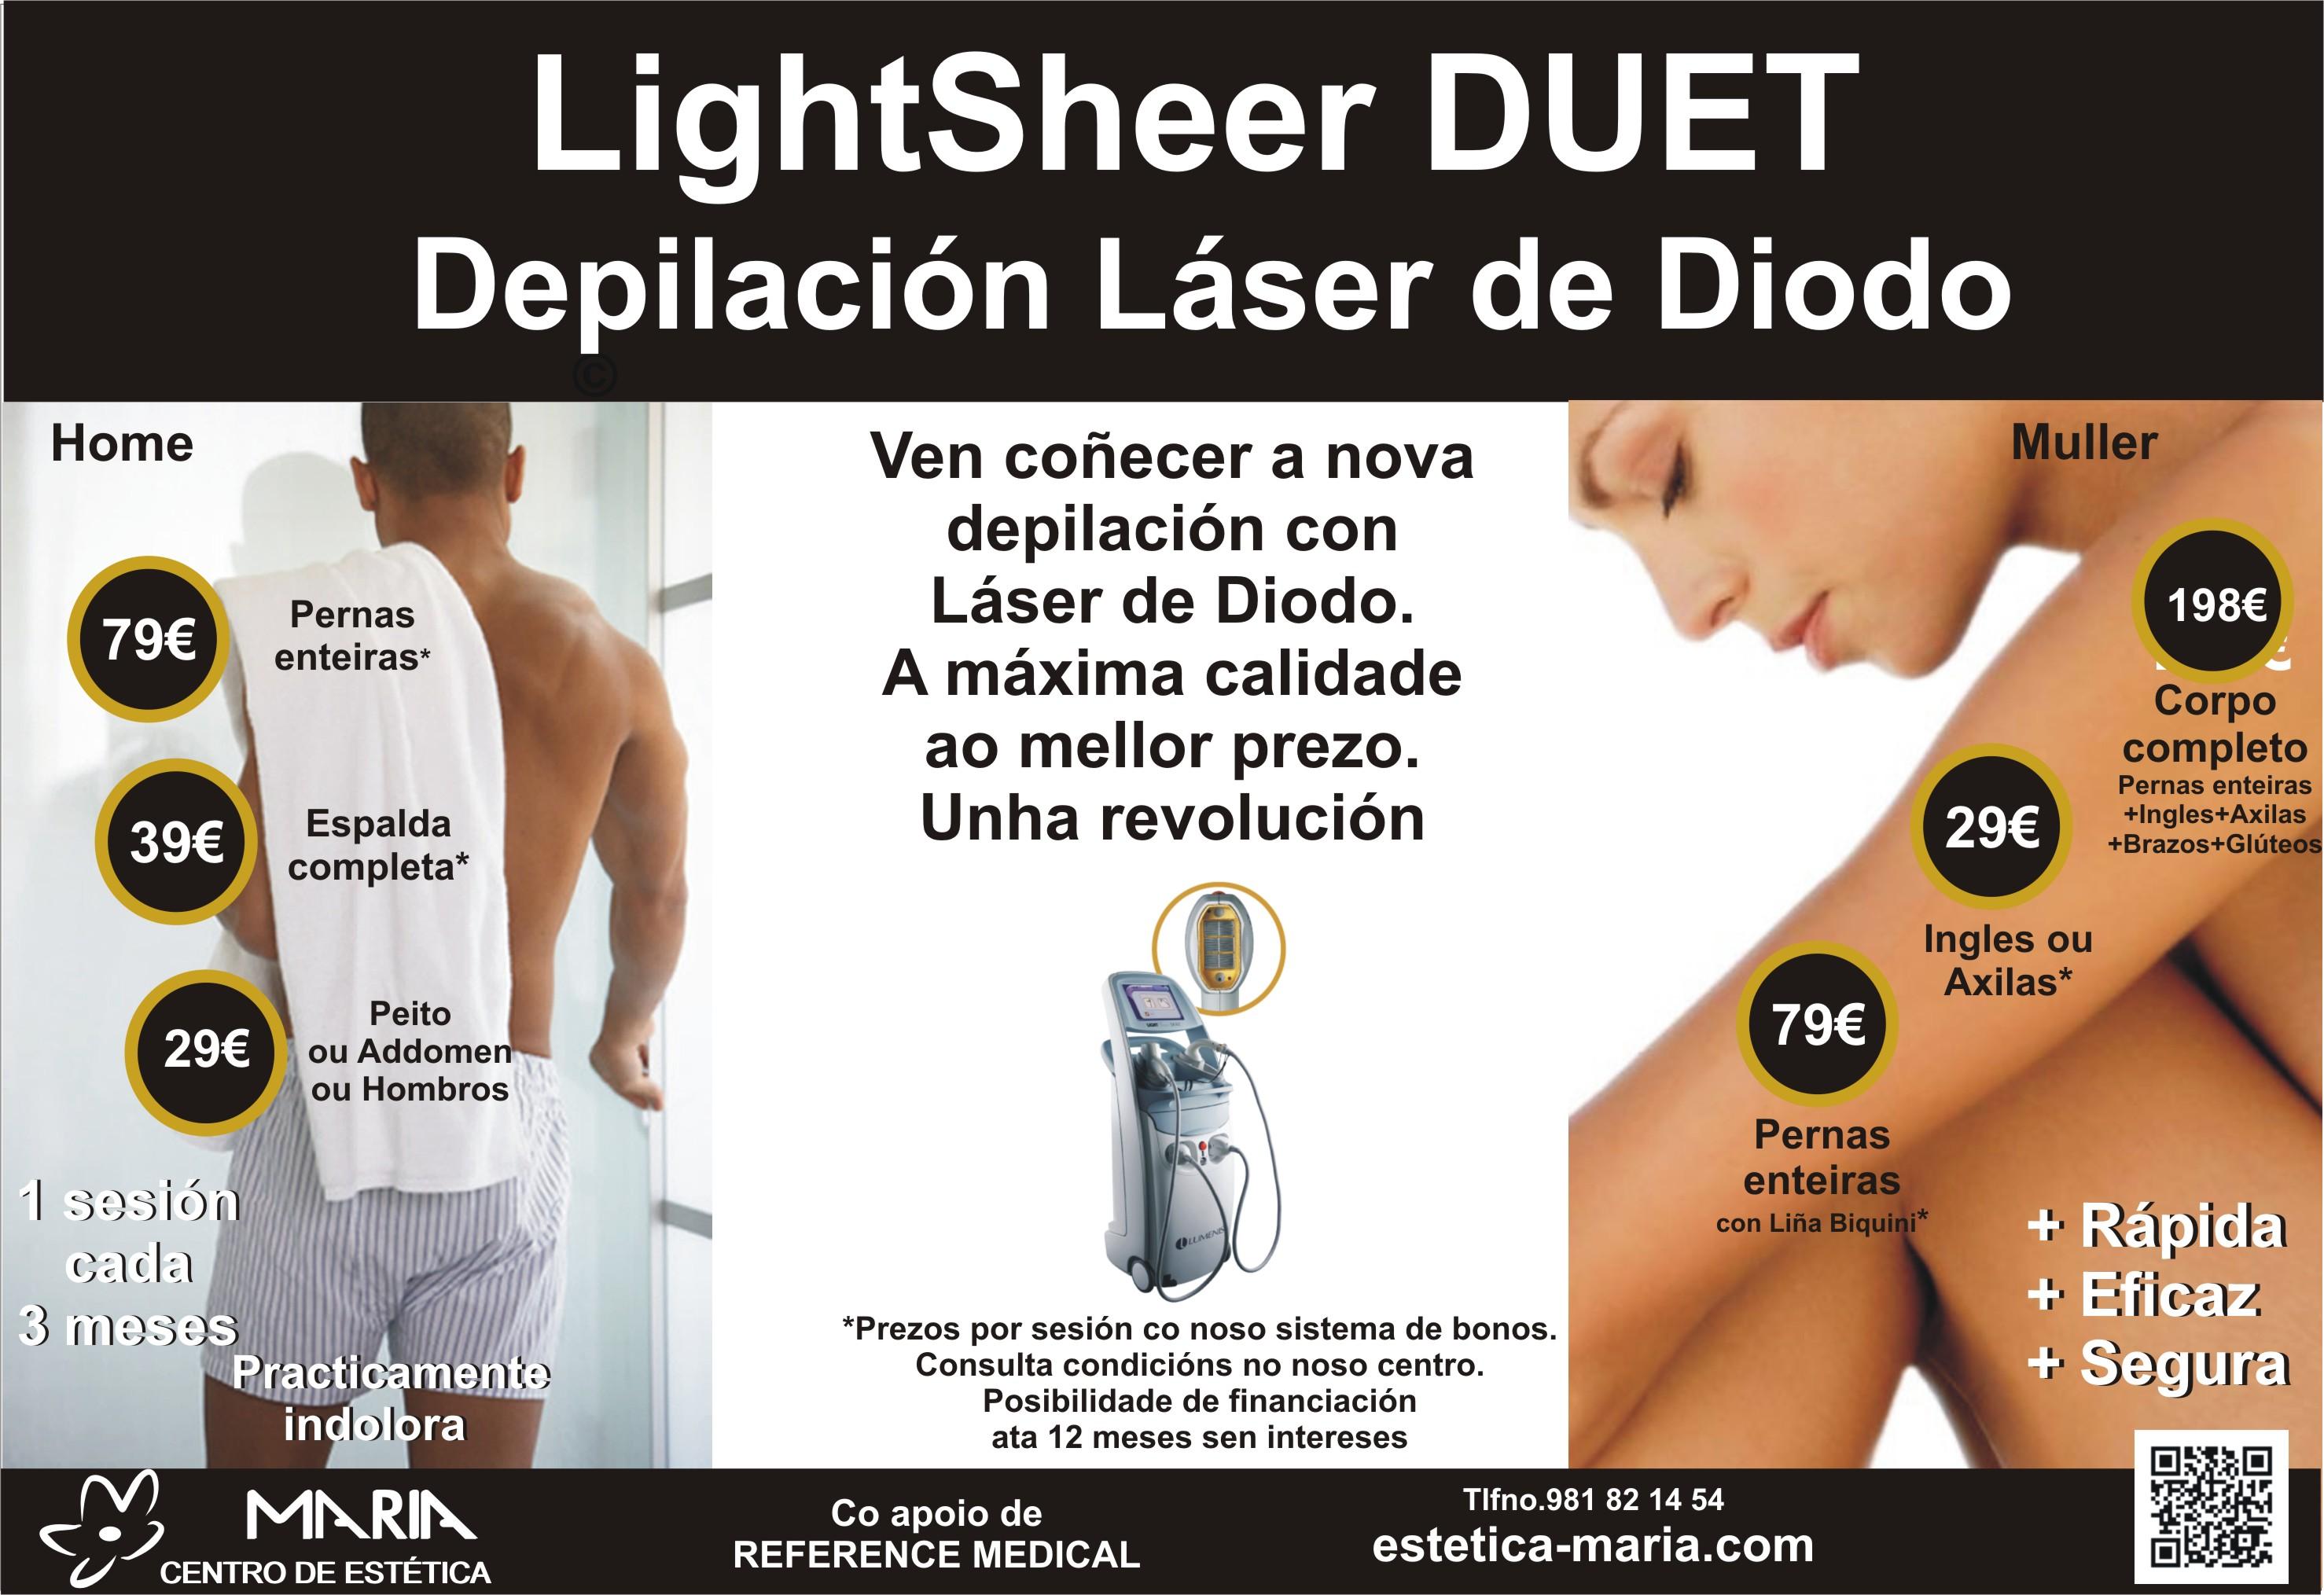 Depilacion Laser Diodo Laser Diodo 2014